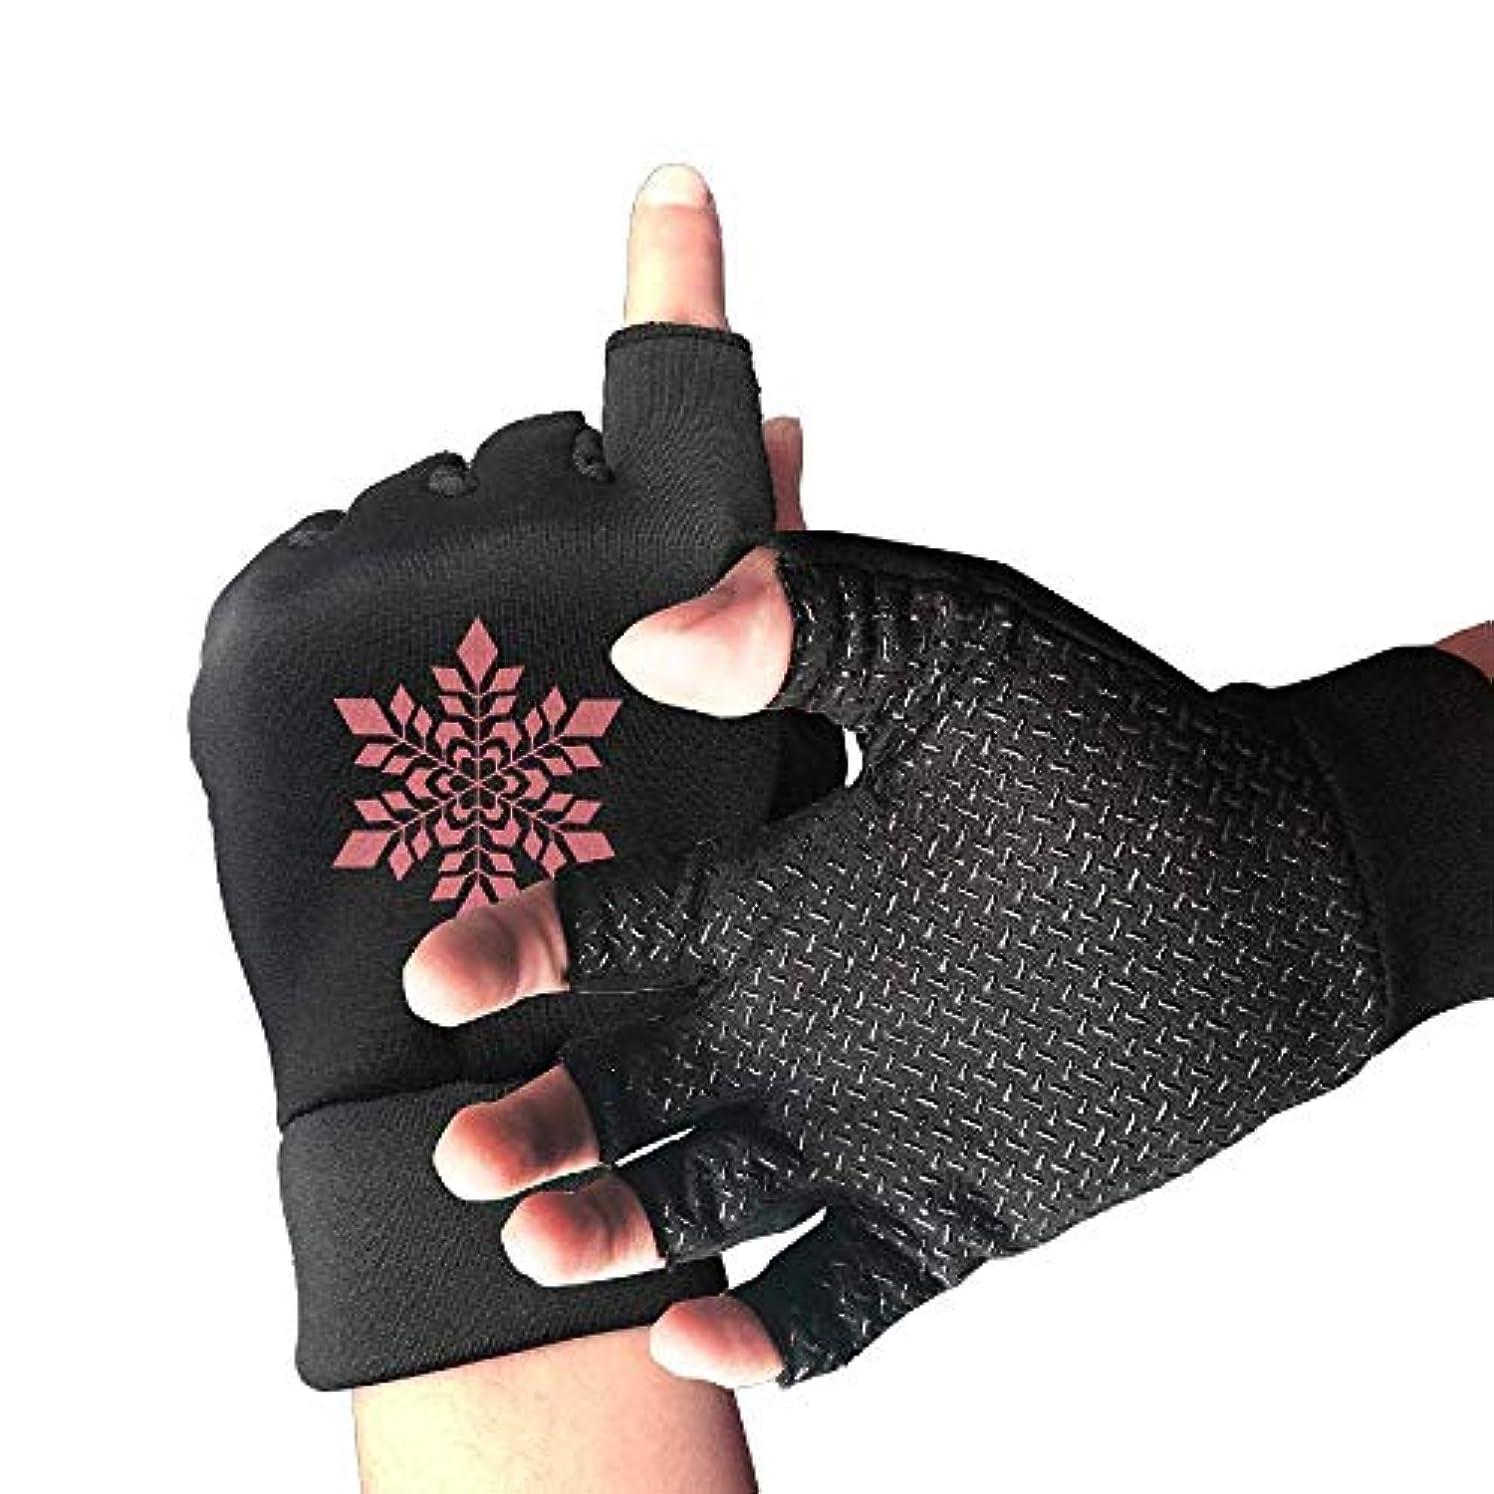 甘くする決定免疫するCycling Gloves Red Snowflake Men's/Women's Mountain Bike Gloves Half Finger Anti-Slip Motorcycle Gloves